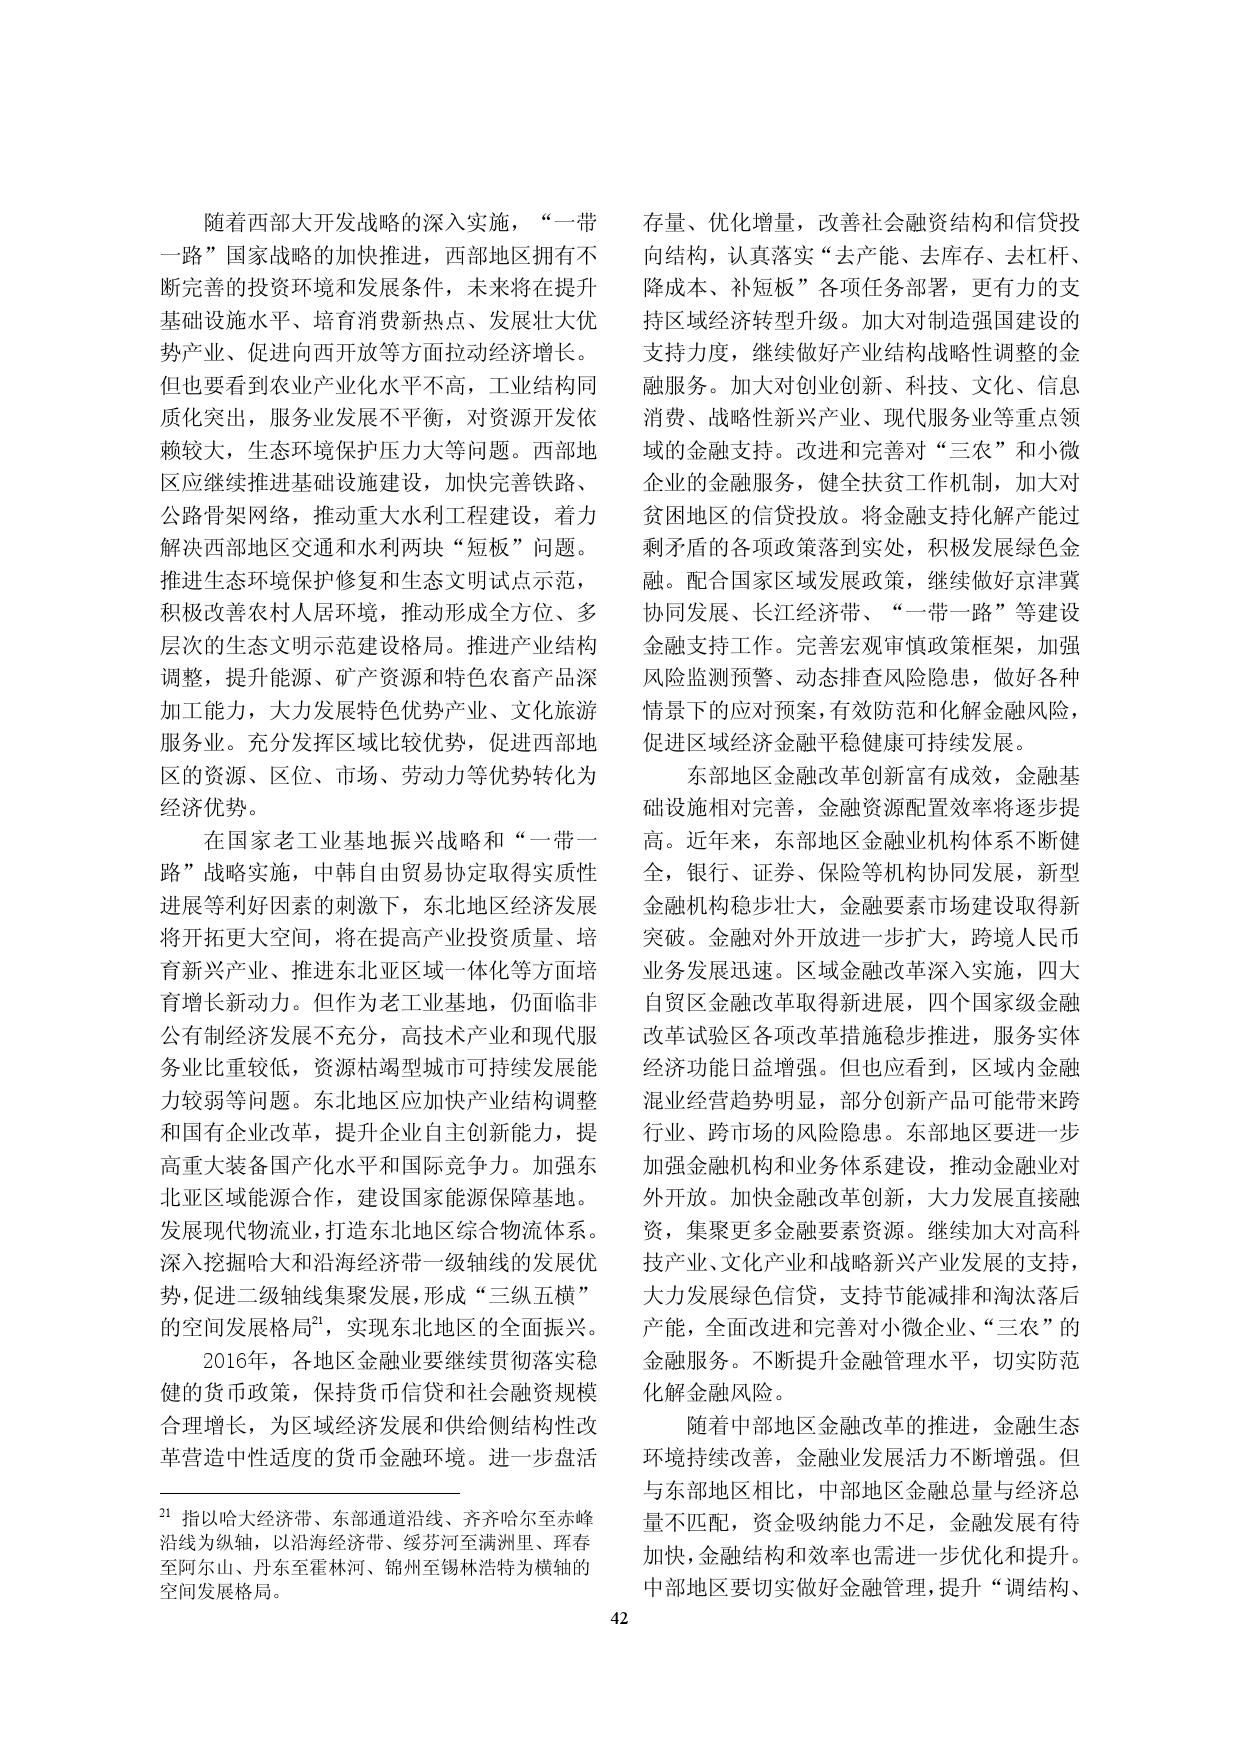 2015年中国区域金融运行报告_000045